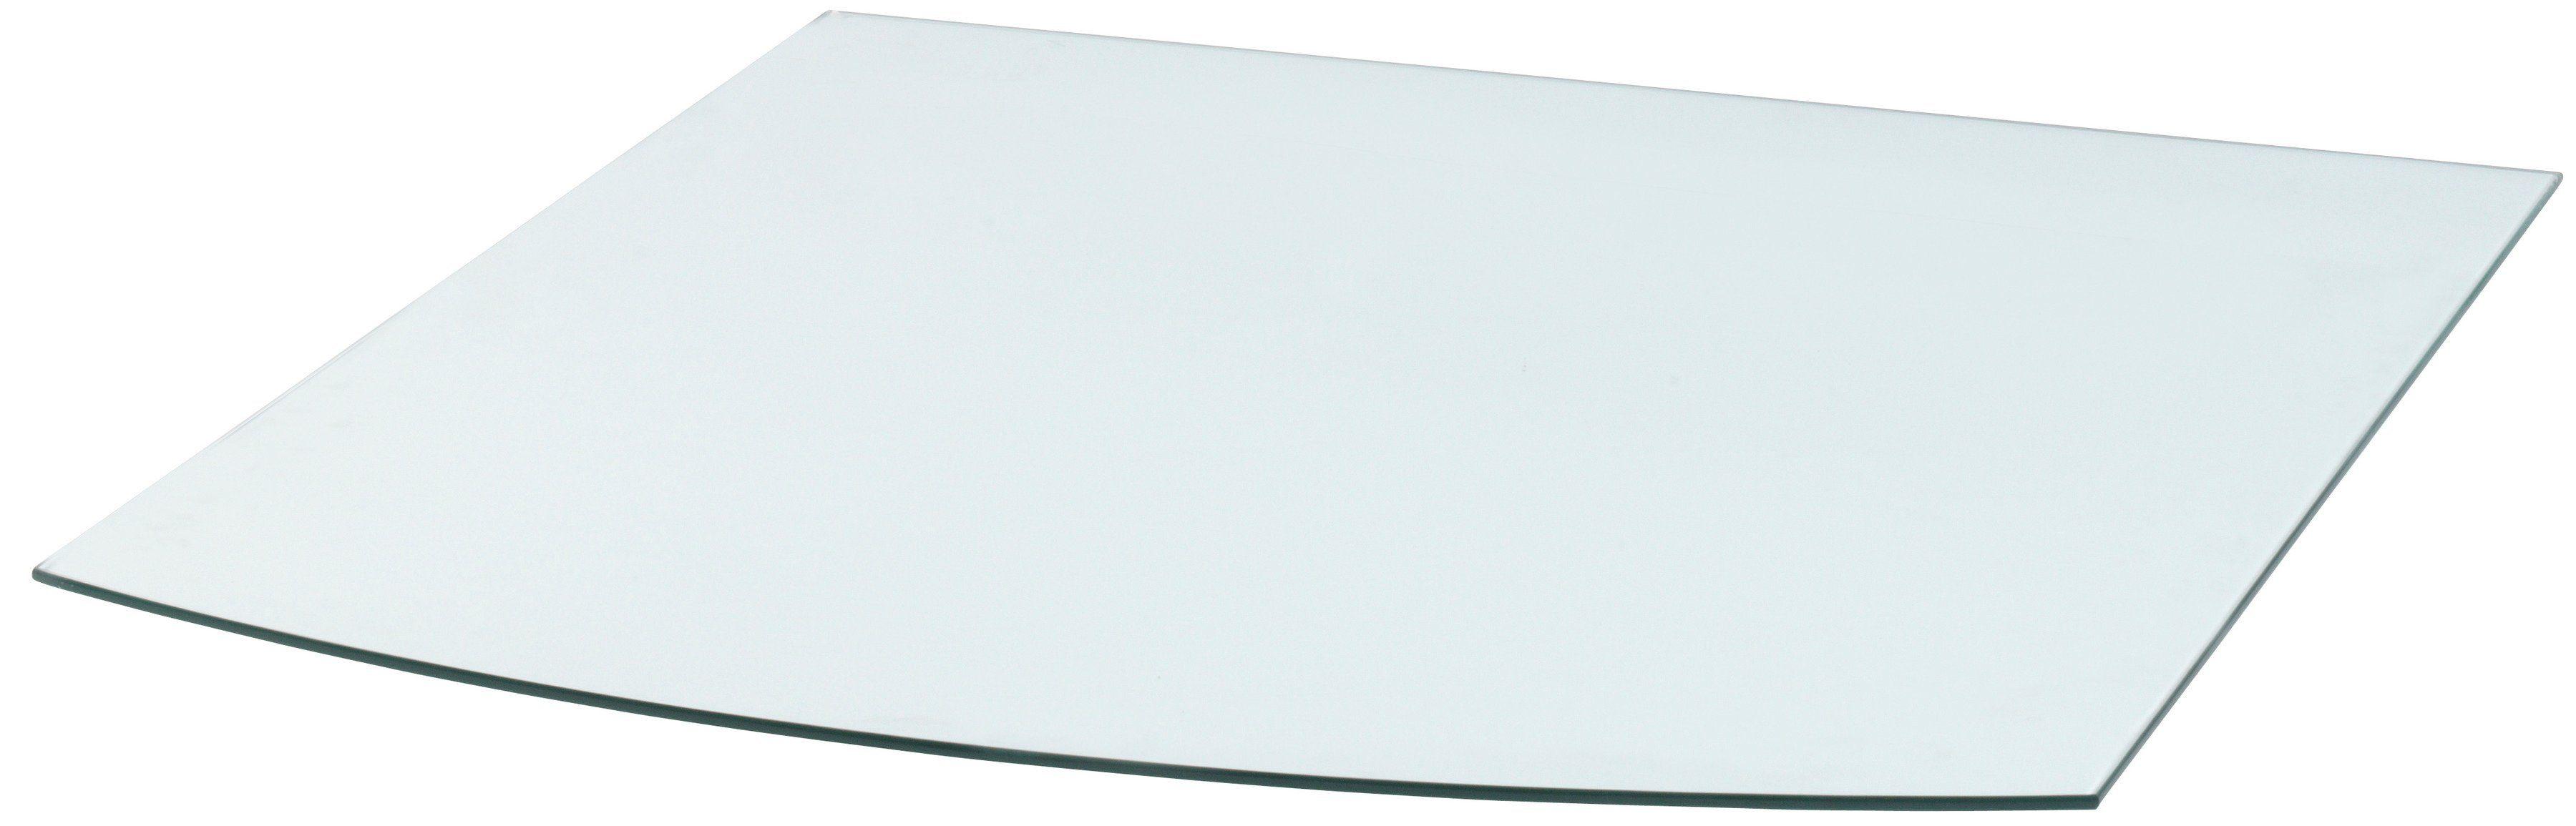 Glasbodenplatte »Segmentbogen«, 100 x 120 cm, transparent, zum Funkenschutz